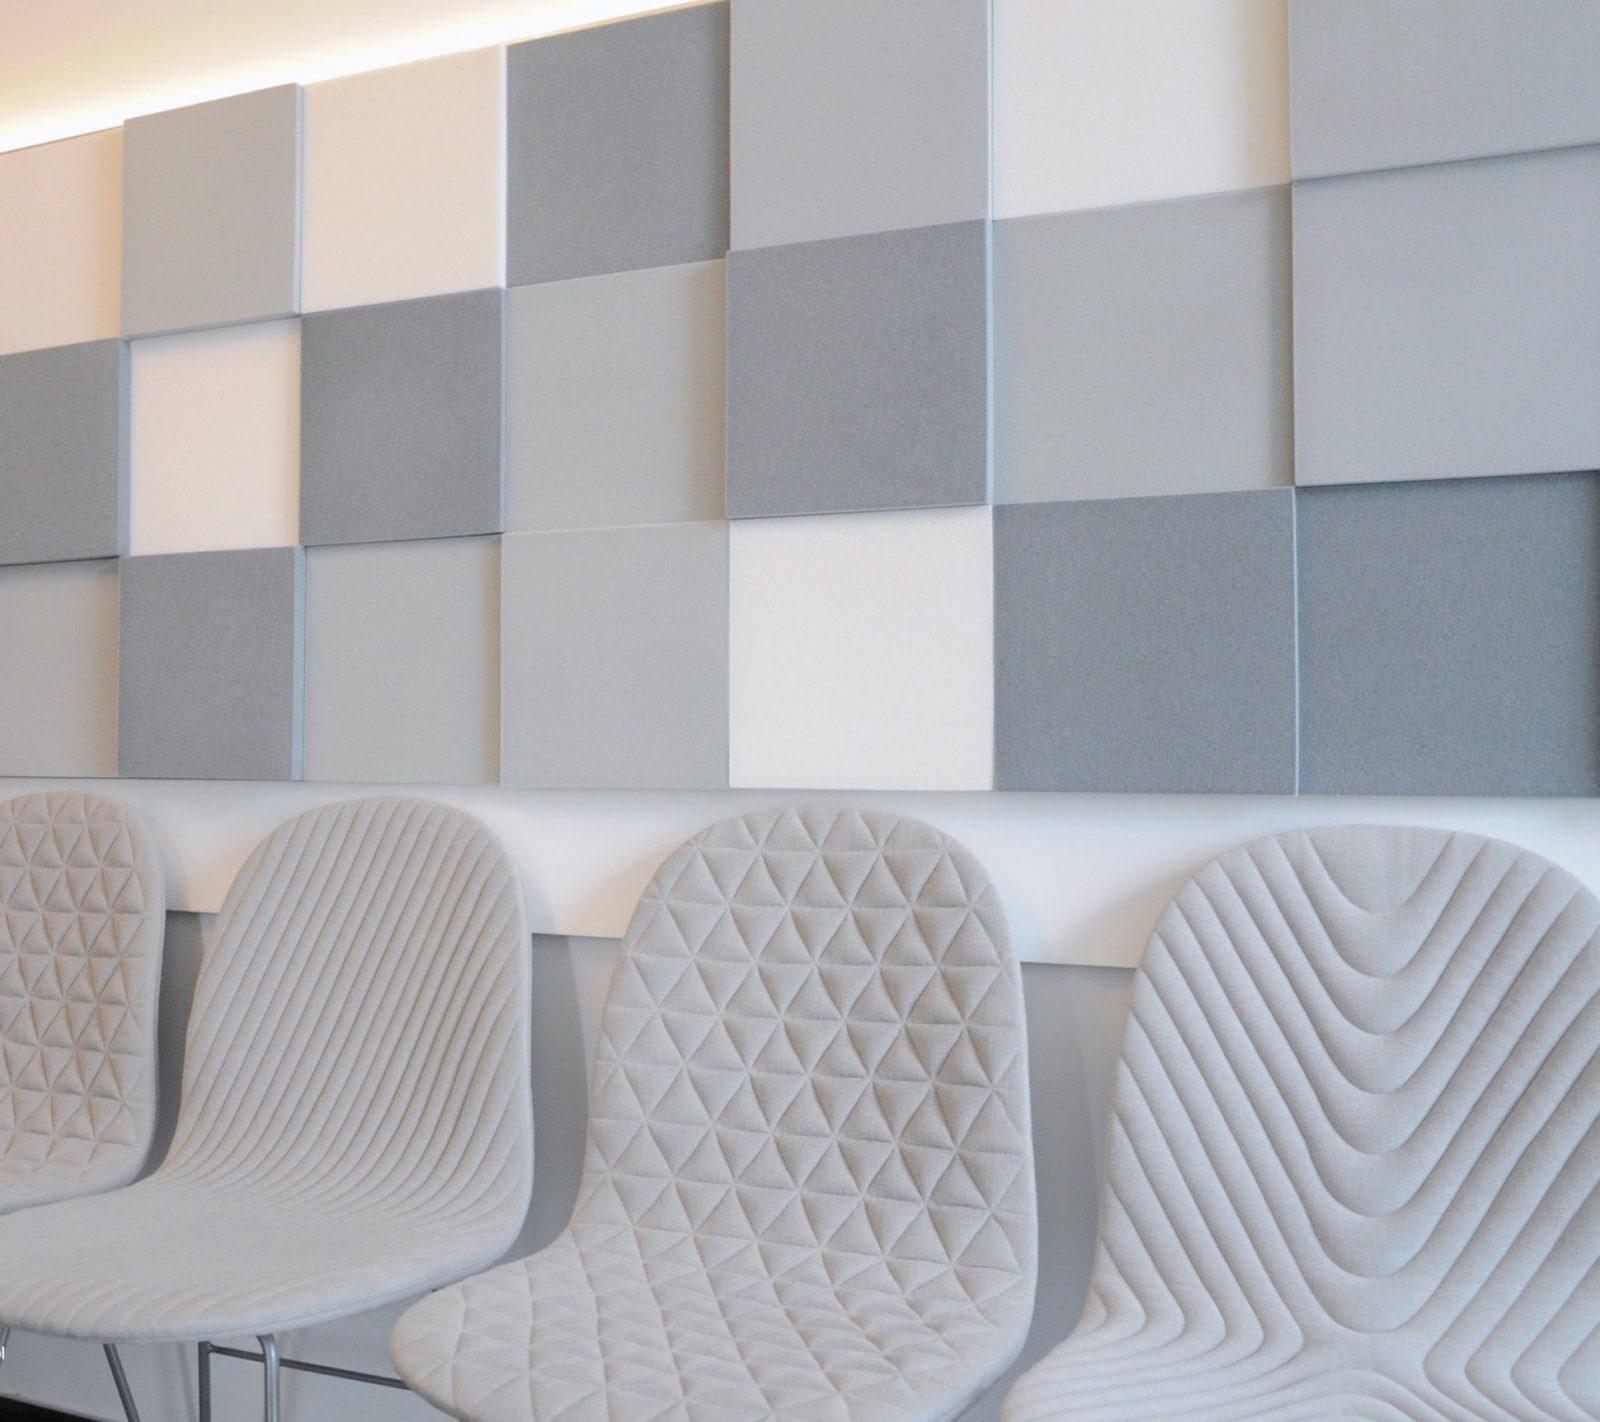 Kreative Wohnideen Für Moderne Wandgestaltung Und Farbgestaltung von Kreative Wandgestaltung Mit Fotos Photo